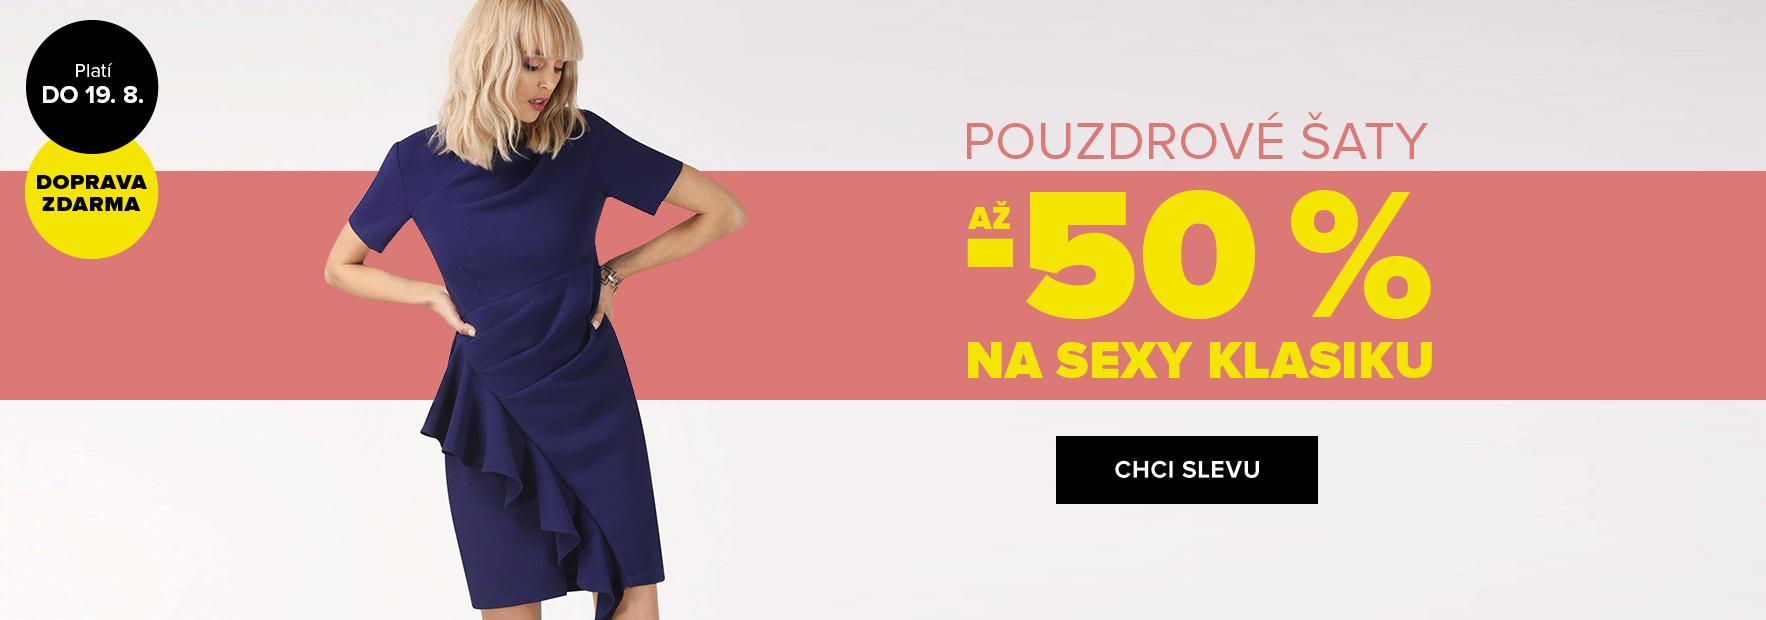 Až 50% sleva na pouzdrové šaty